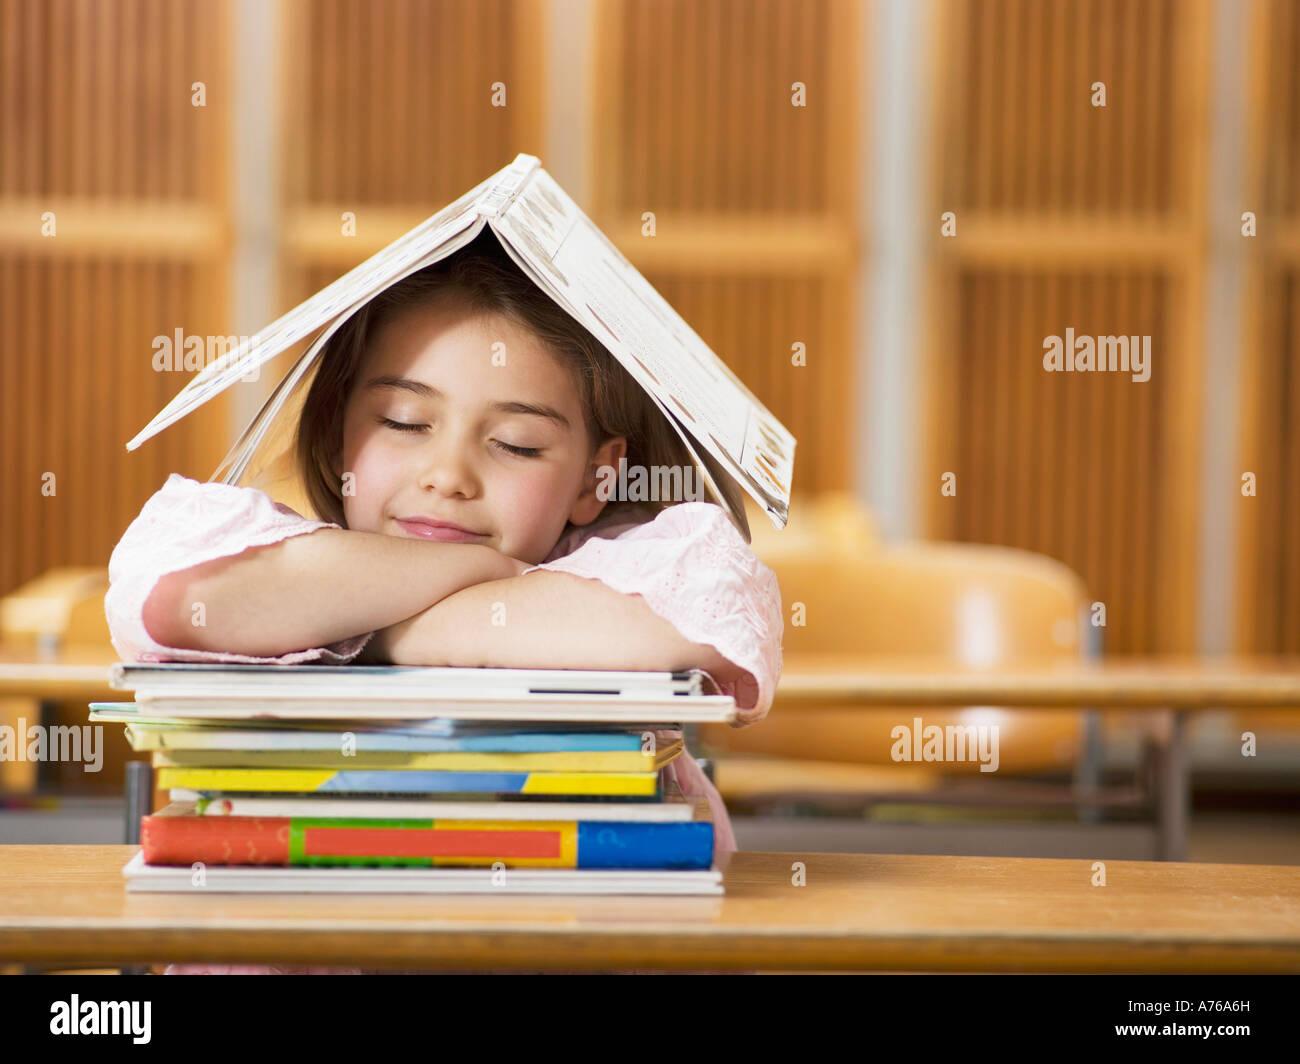 m dchen 4 7 sitzen schreibtisch st tzte sich auf b cherstapel augen geschlossen stockfoto. Black Bedroom Furniture Sets. Home Design Ideas